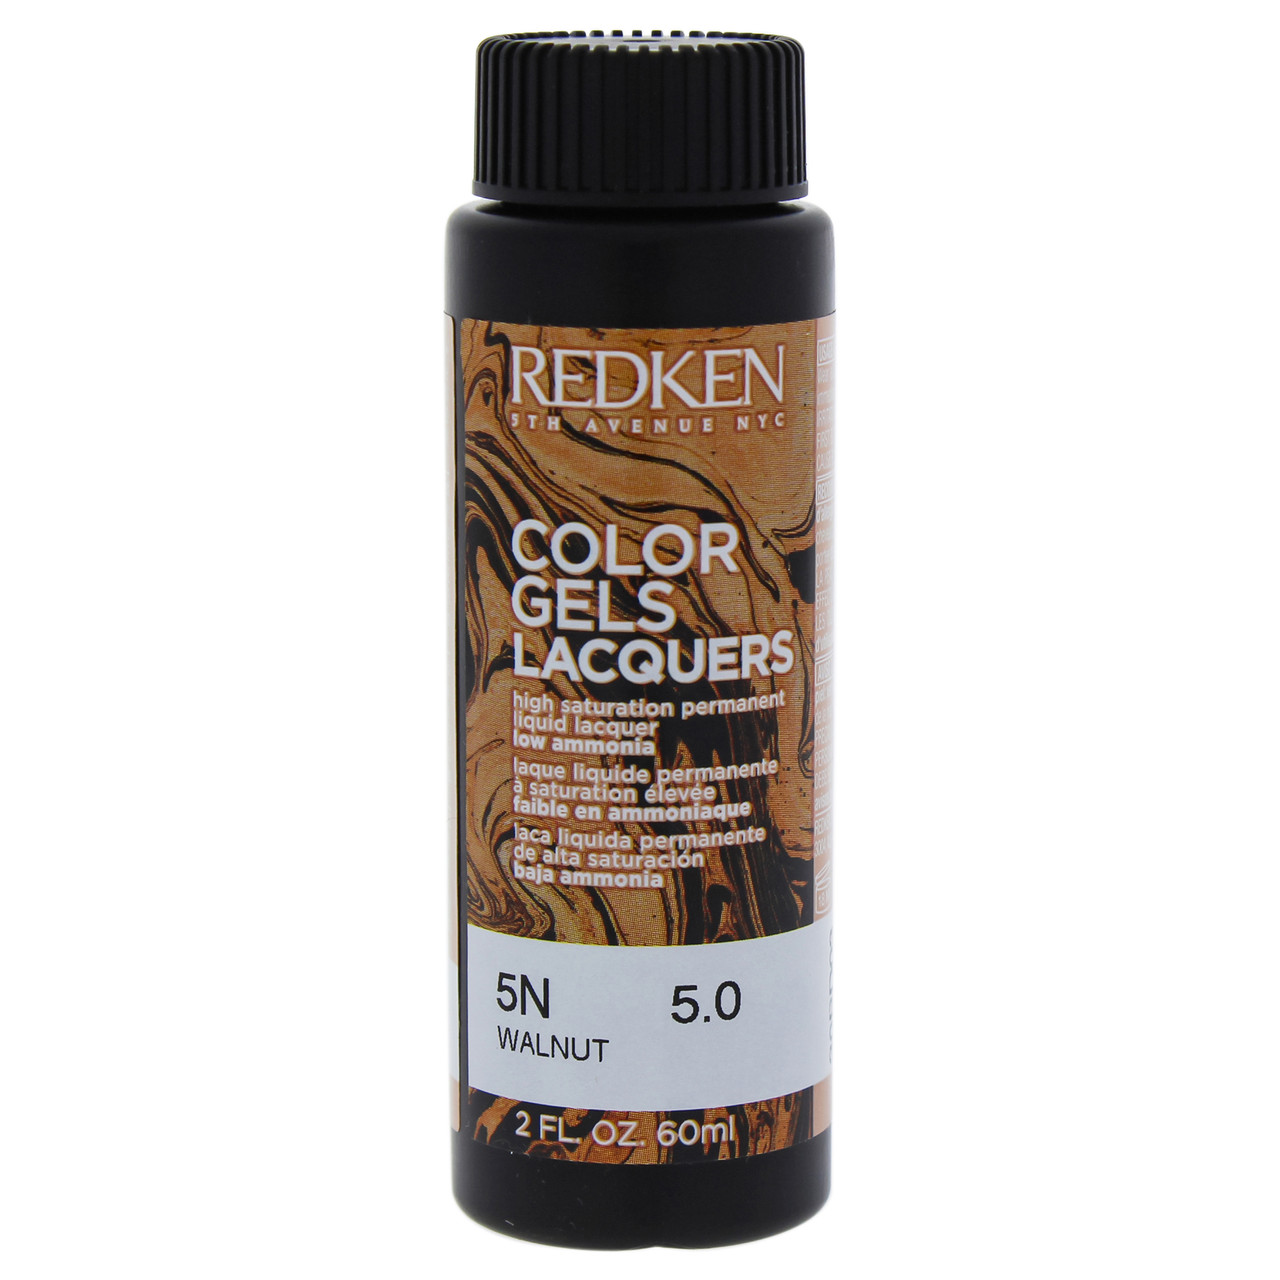 Redken Color Gels Lacquers Haircolor 5N Walnut 2 Oz